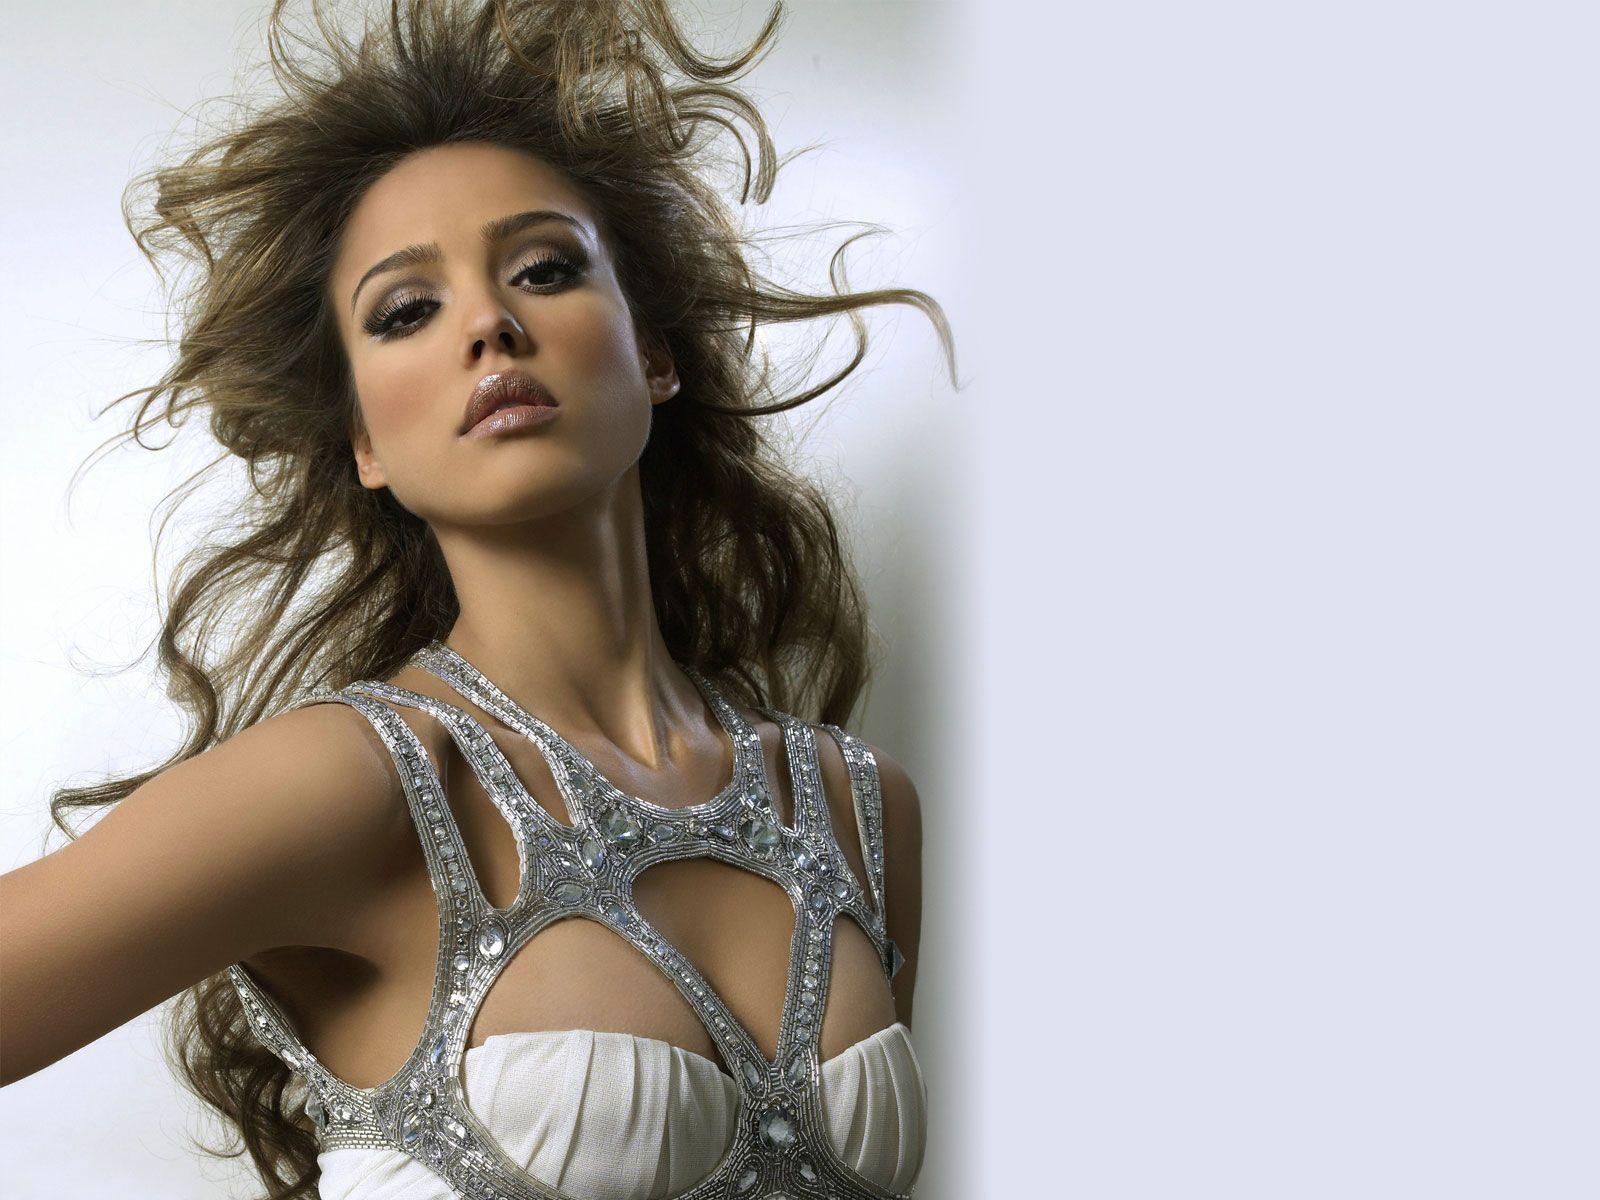 jessica alba hot hd wallpaper kelly brook hollywood actress hot hd